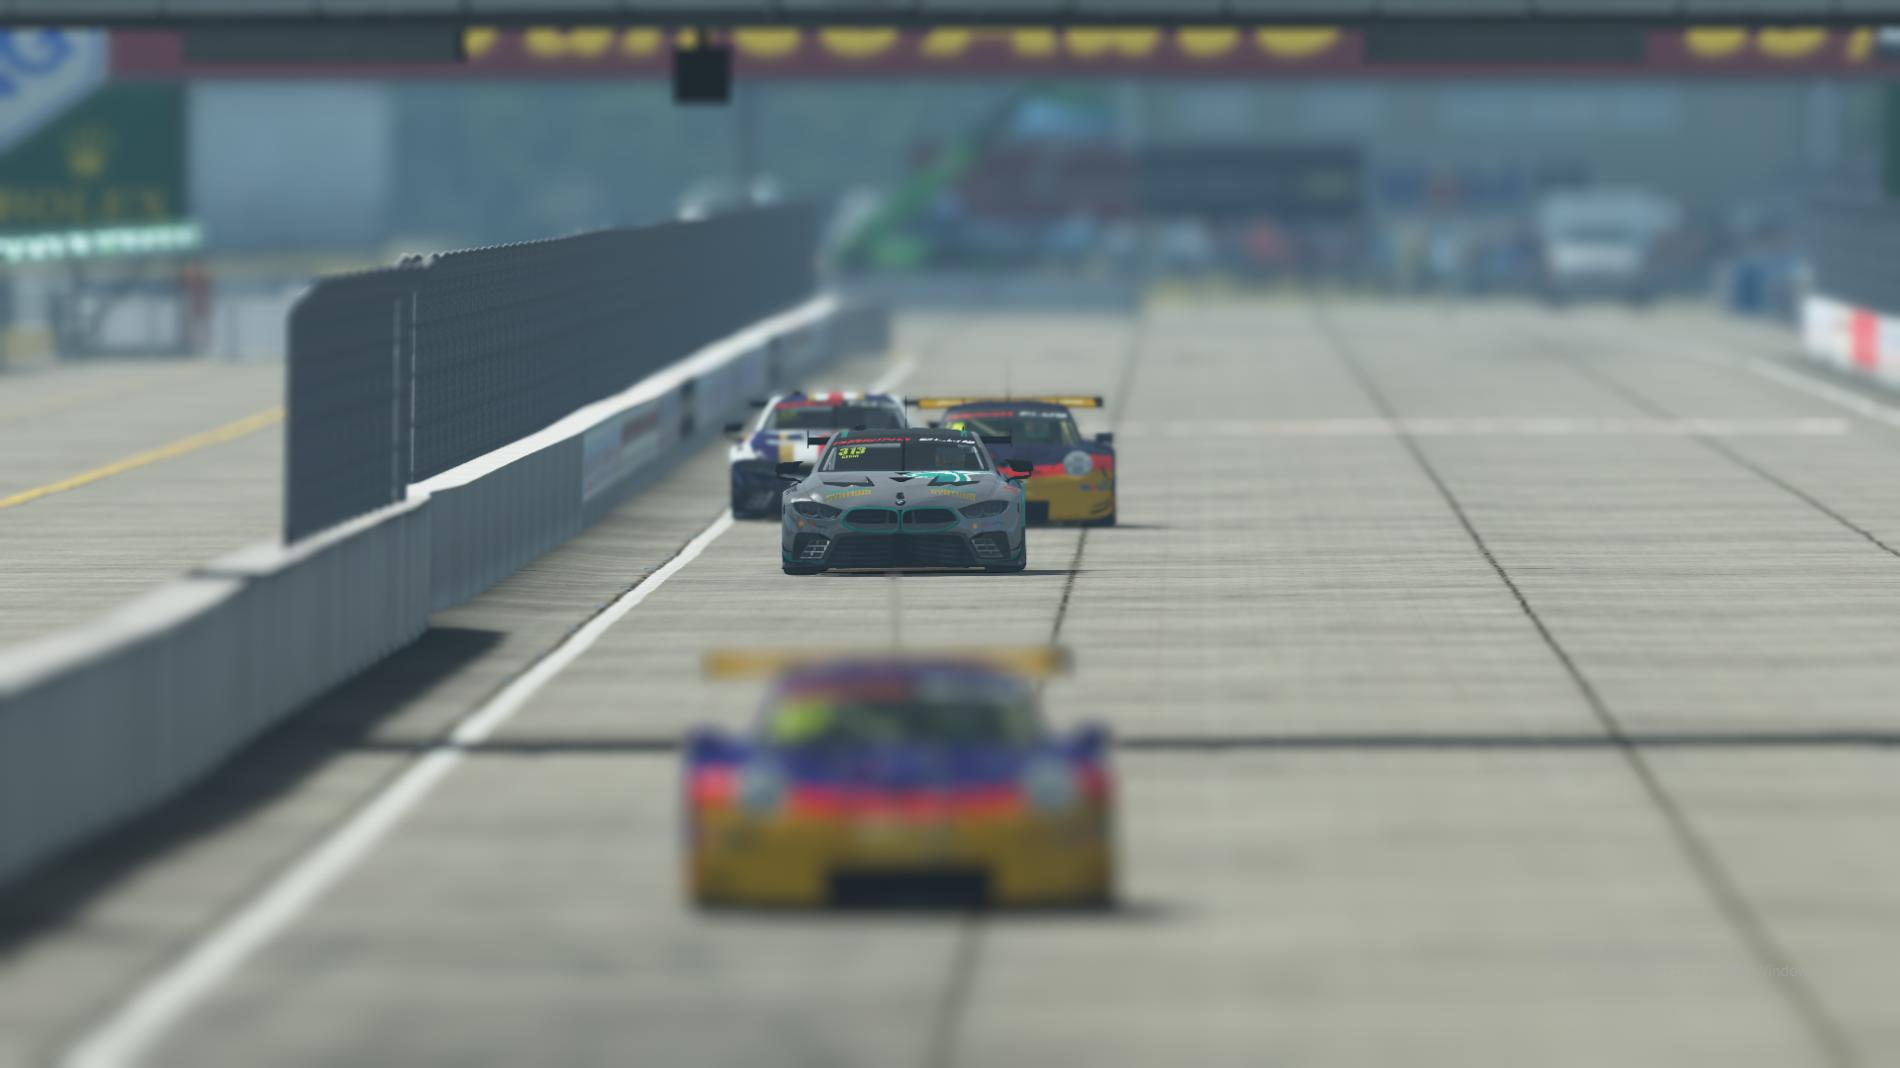 Resumen | Sebring | Elkrack2 gana la prueba reina y Saultk  el campeonato.